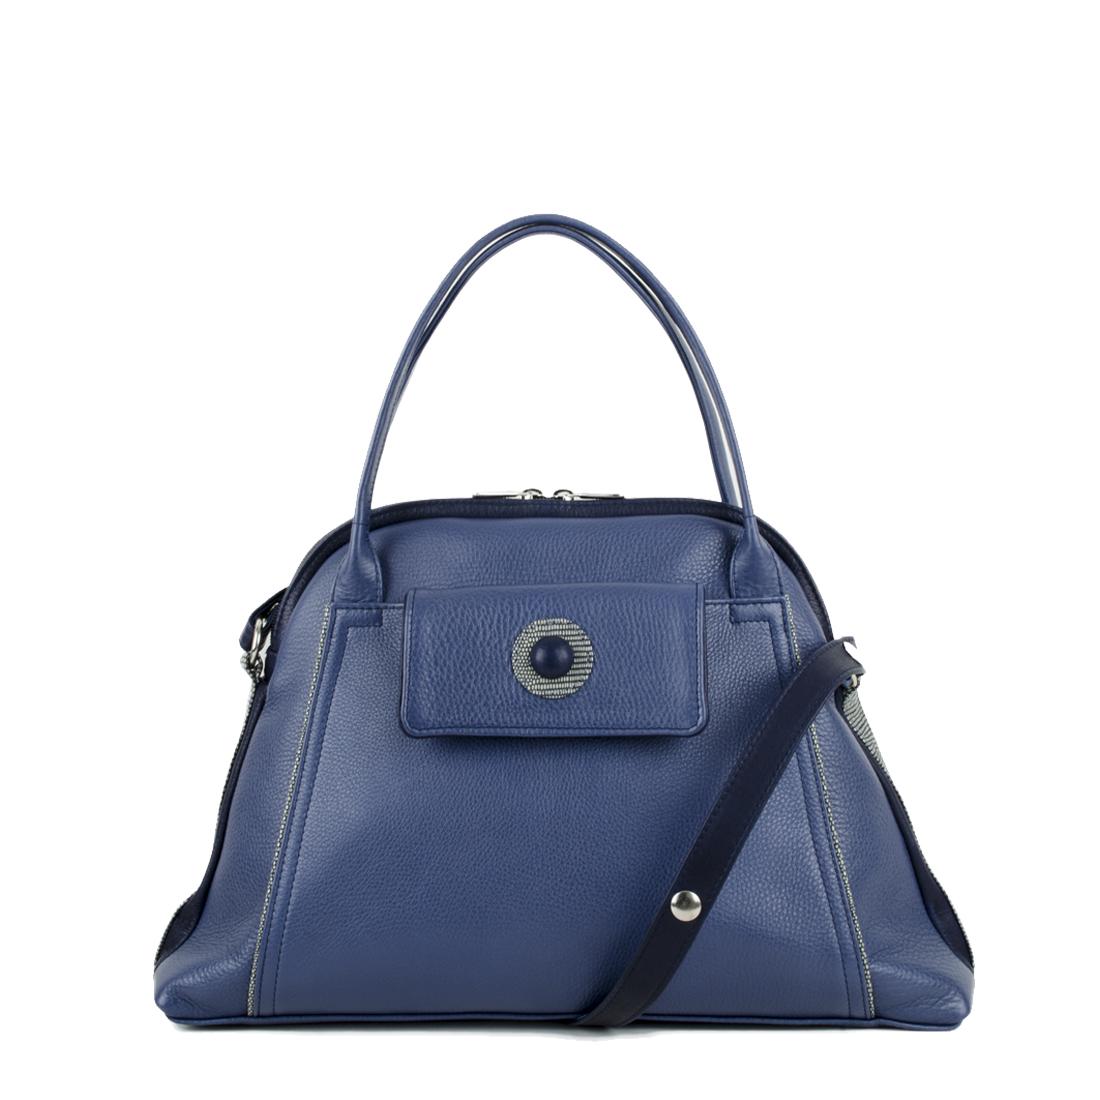 Lottie Chalk Blue Leather Shoulder Bag